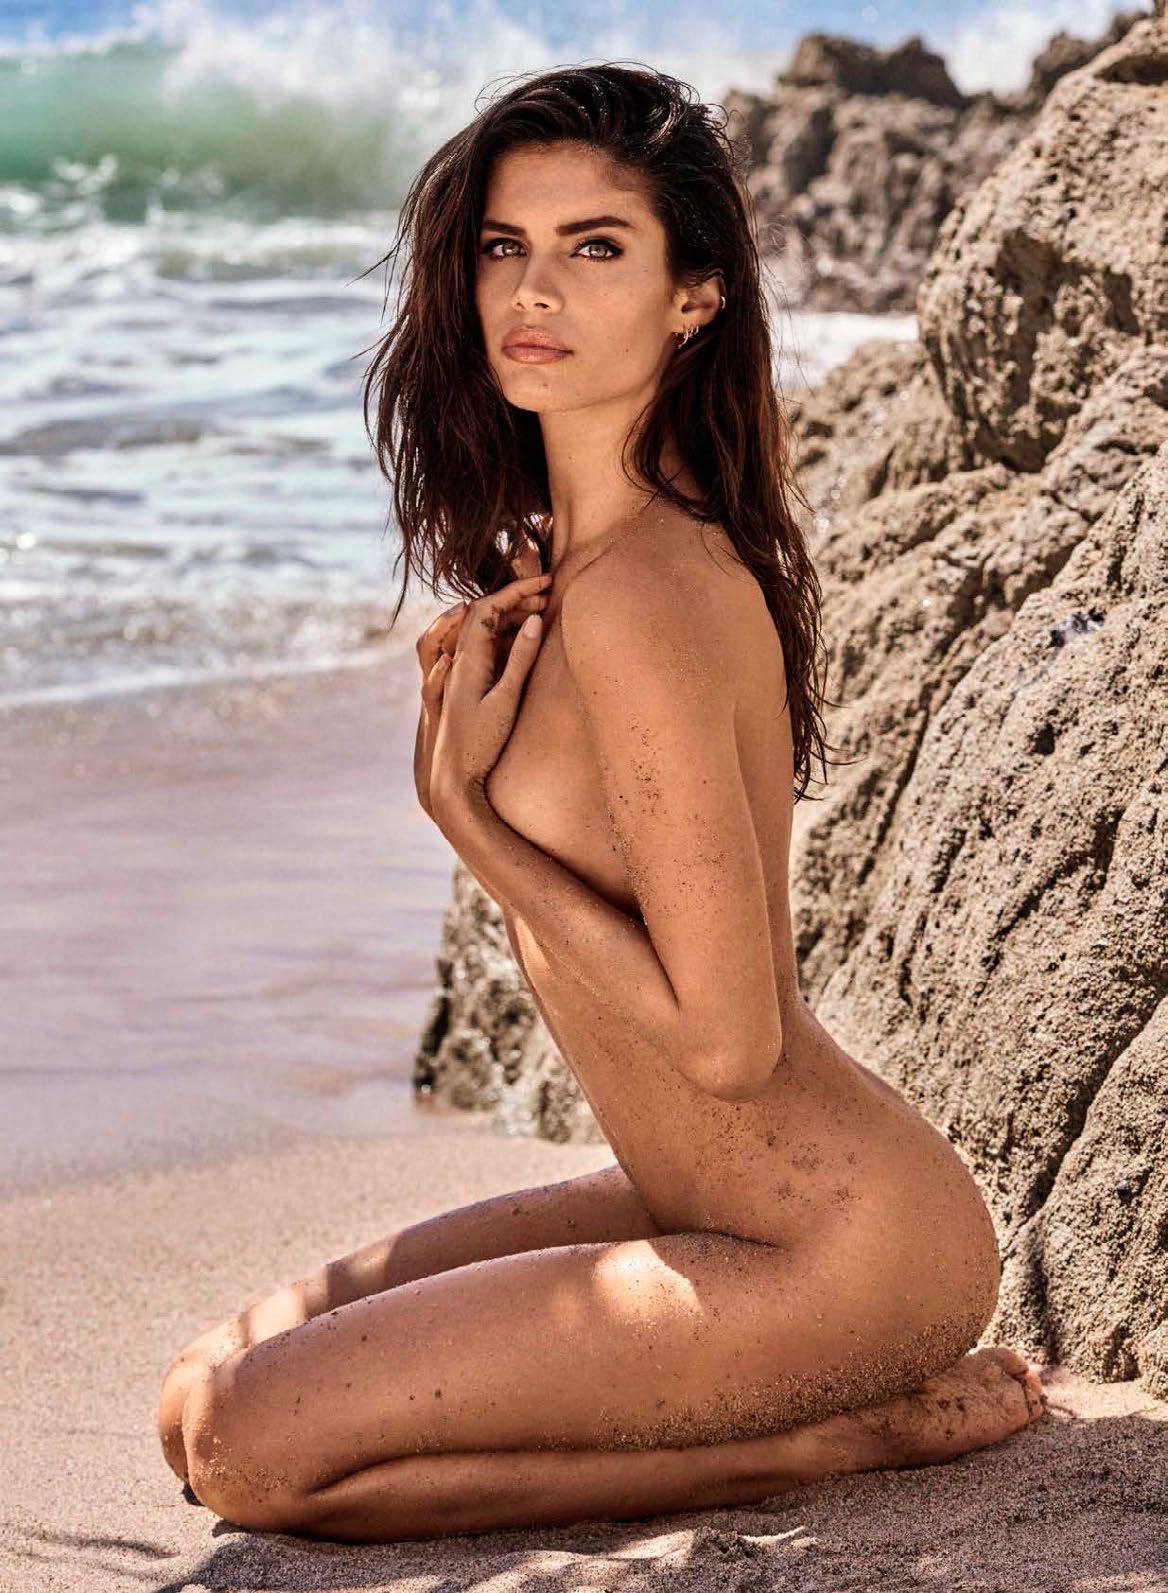 Sara sampaio naked